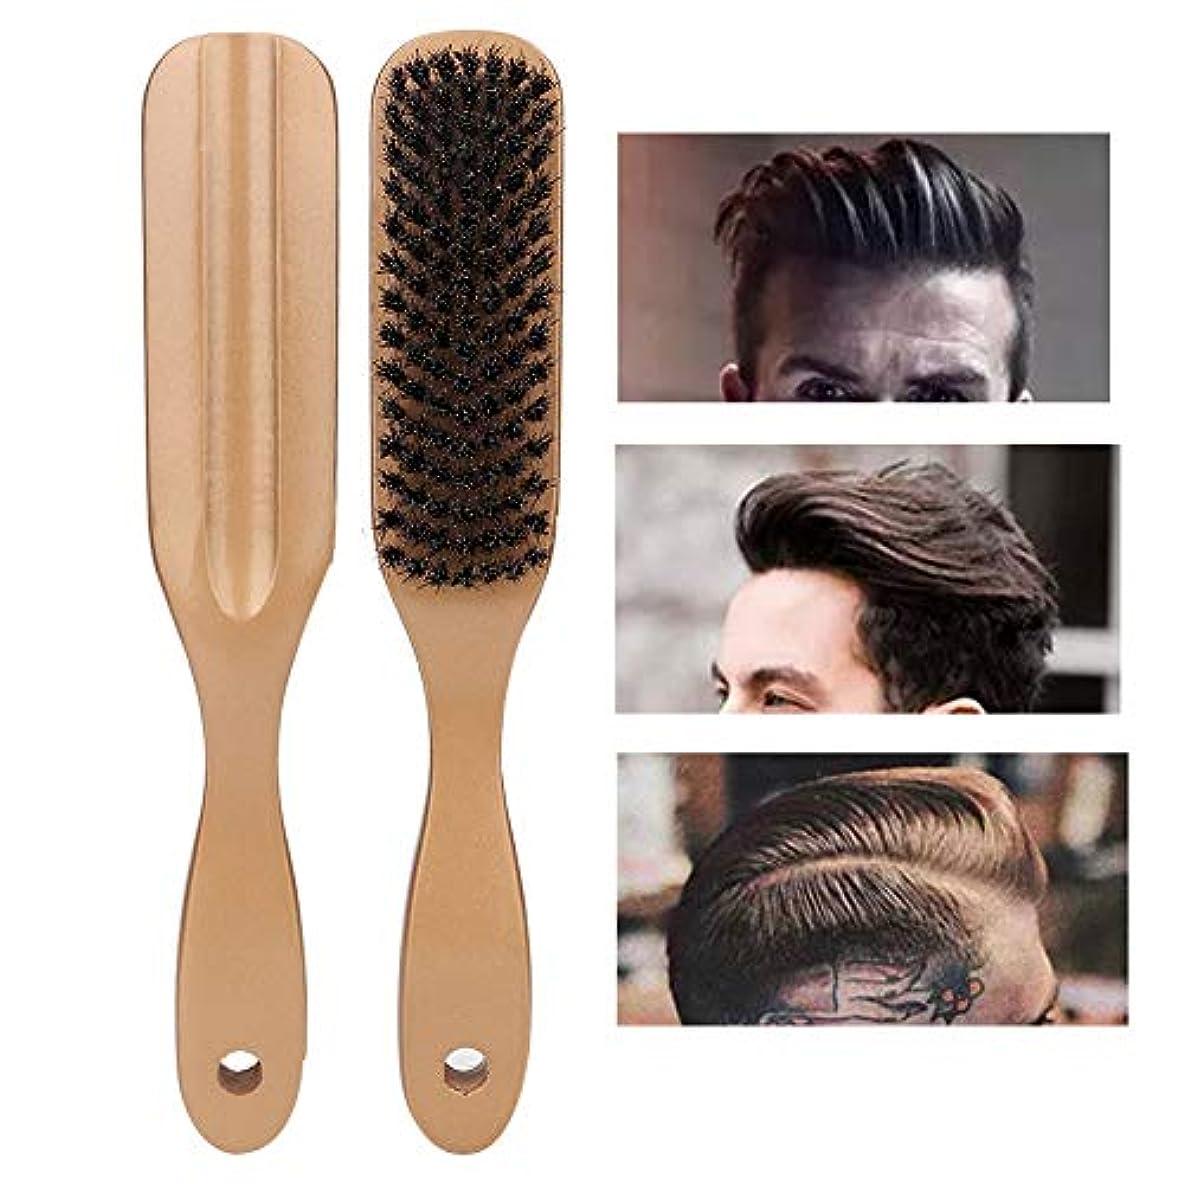 口土地許される人のひげの櫛のブラシオイルのヘッドブラシのヘアーケア用具(ダークイエロー)